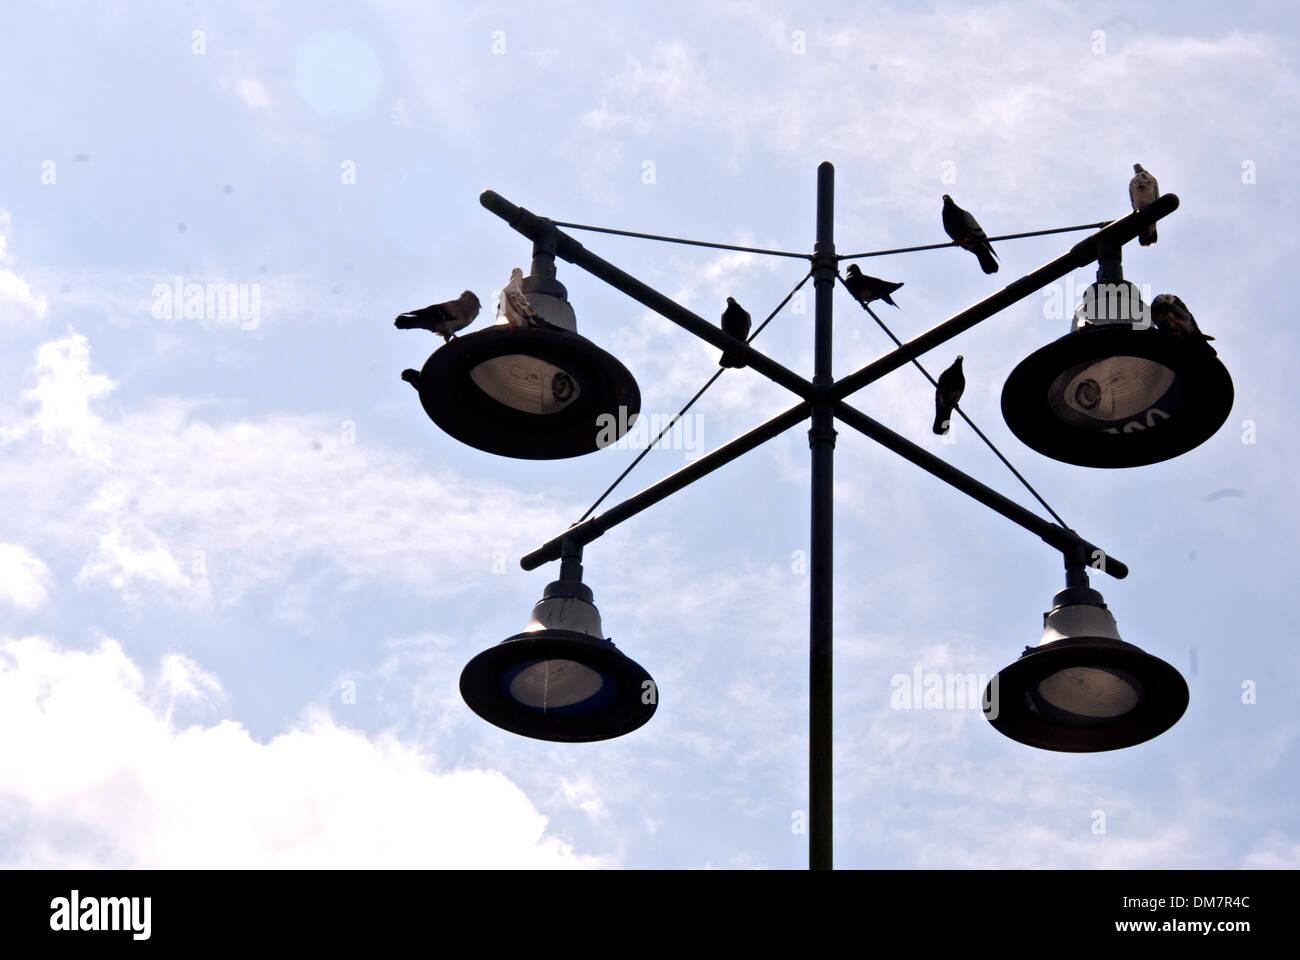 Una bandada de palomas, de pie en la parte superior de una lámpara de la calle, como hacen cada día en Imagen De Stock